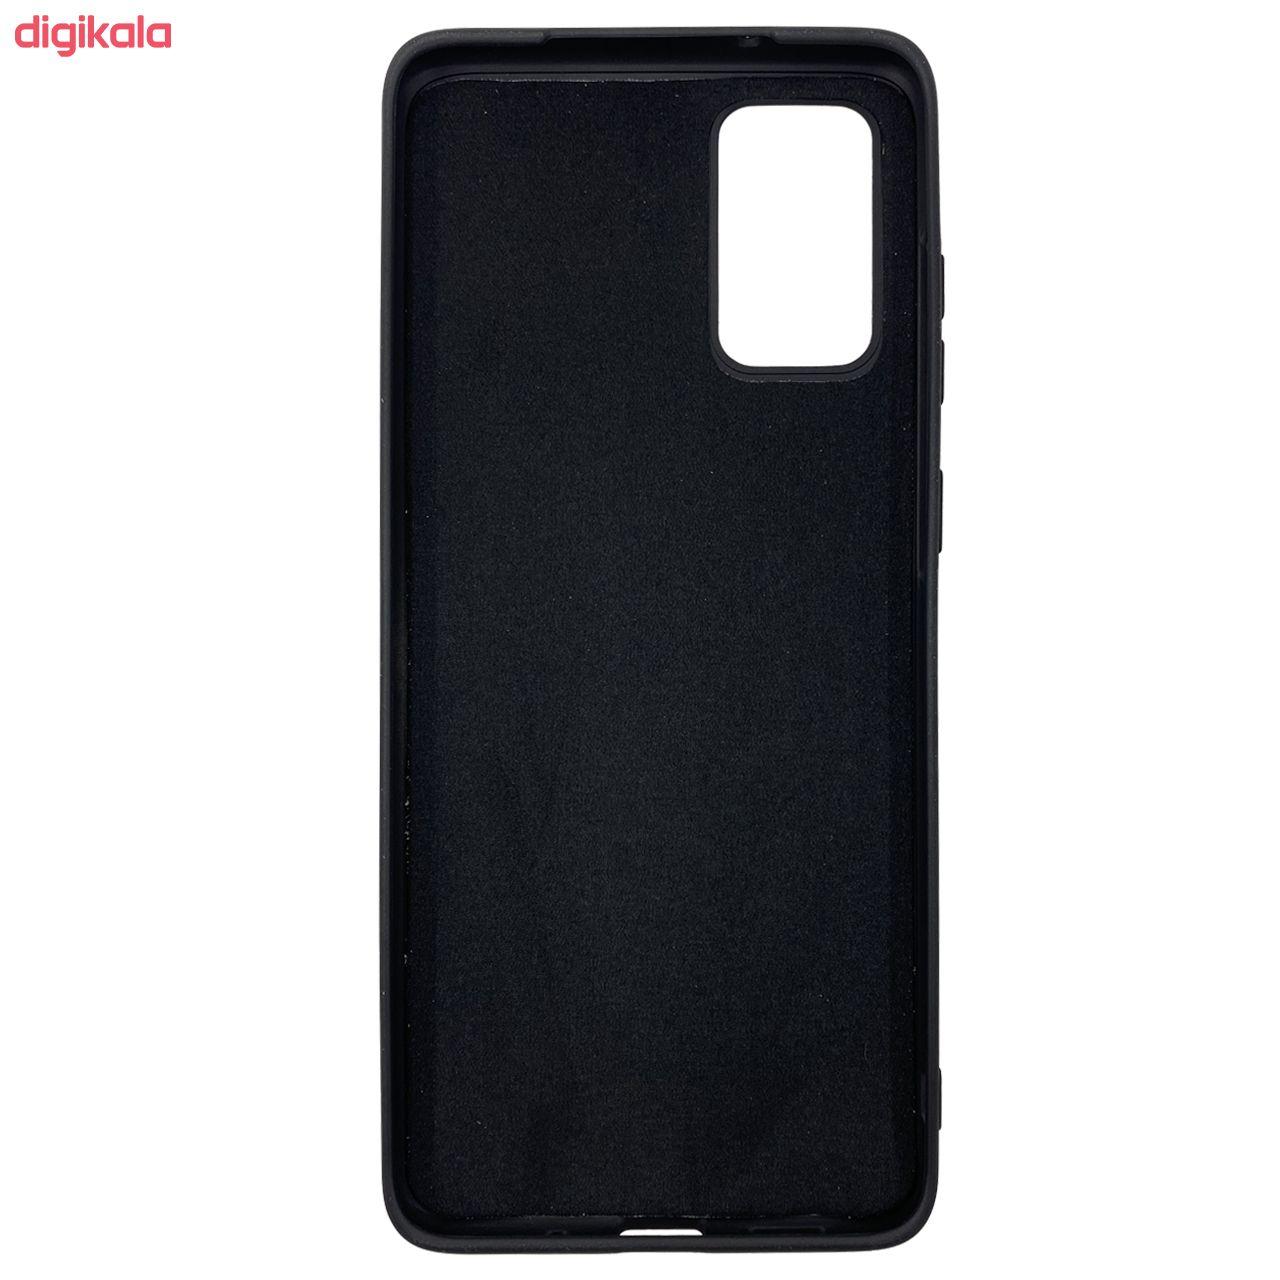 کاور مدل scn مناسب برای گوشی موبایل سامسونگ Galaxy S20 main 1 4